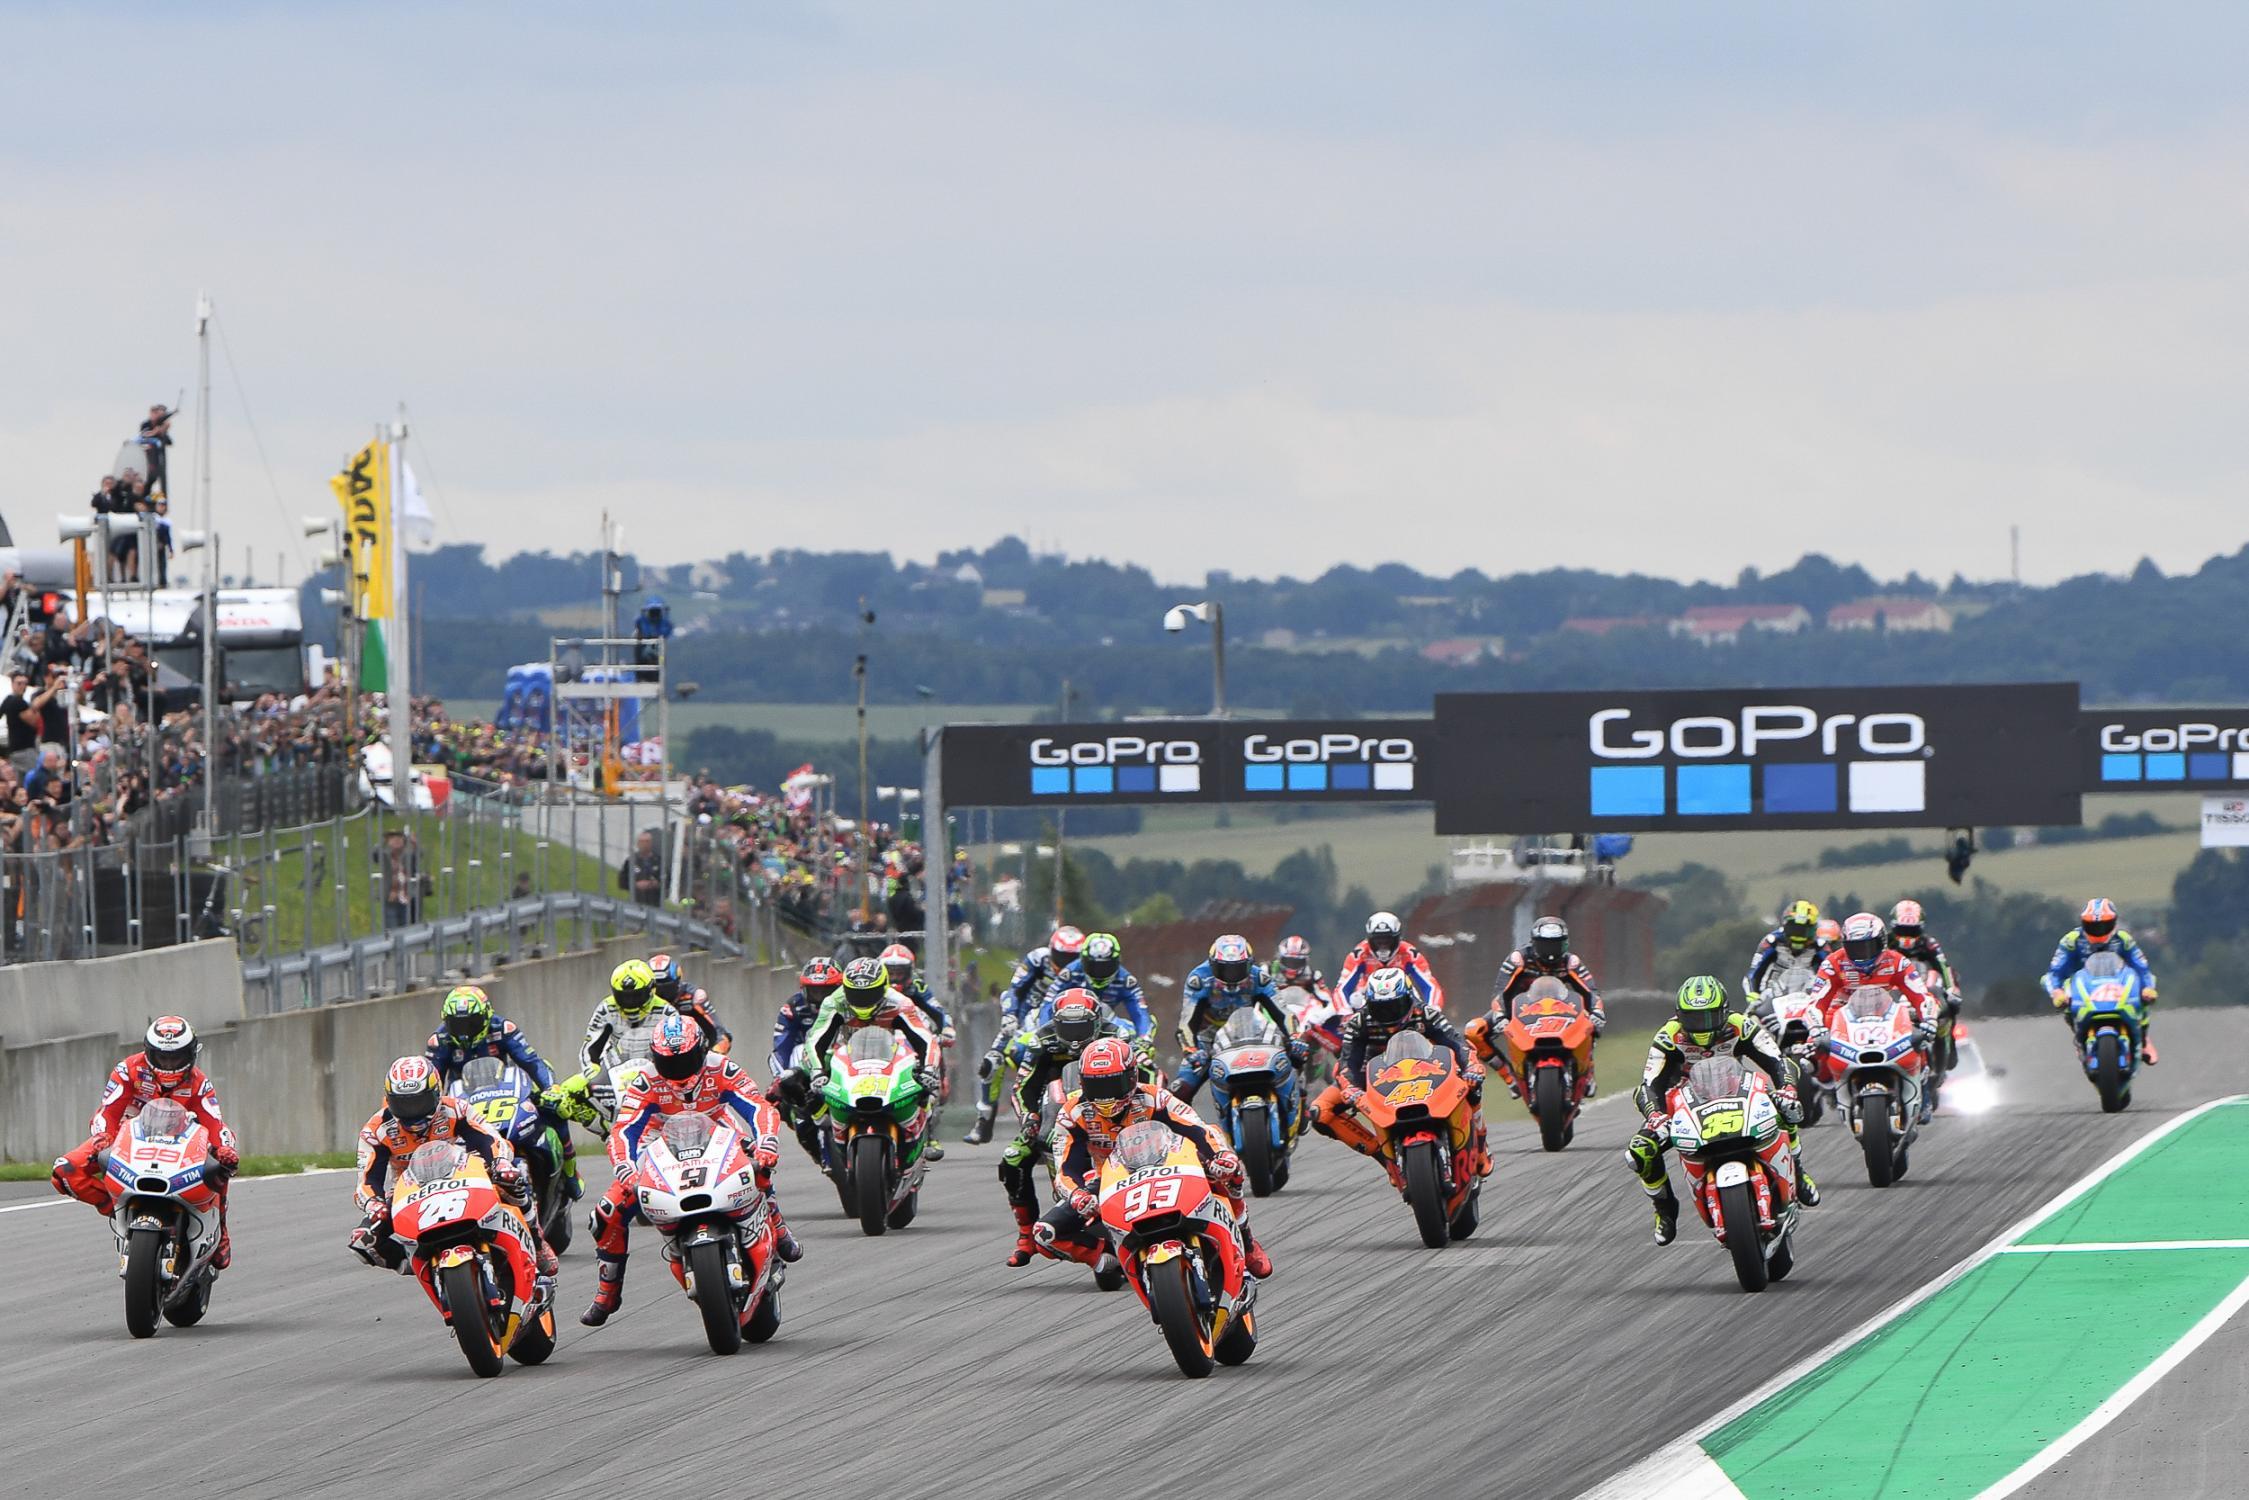 Circuito Sachsenring : Il circuito del sachsenring rischia di scomparire dal calendario